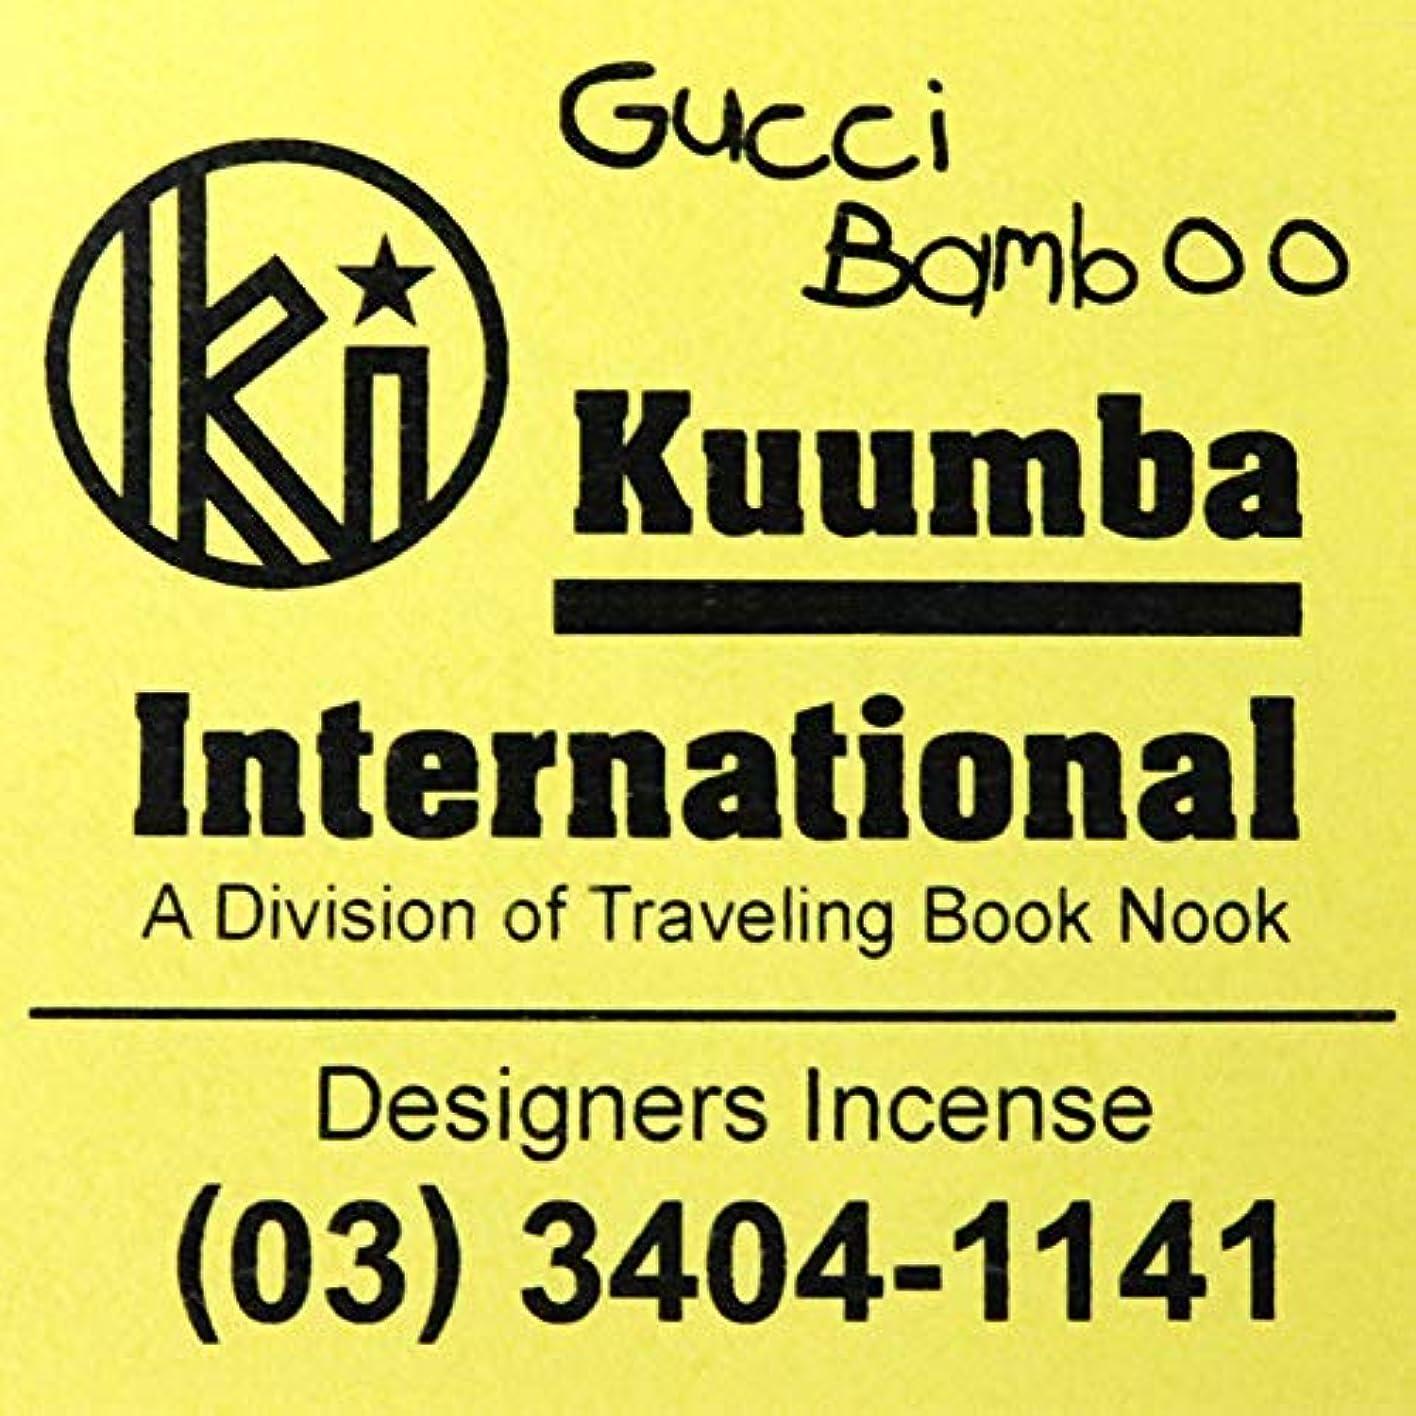 ぬいぐるみシェード今晩KUUMBA (クンバ)『incense』(GUCCI BAMBOO) (GUCCI BAMBOO, Regular size)